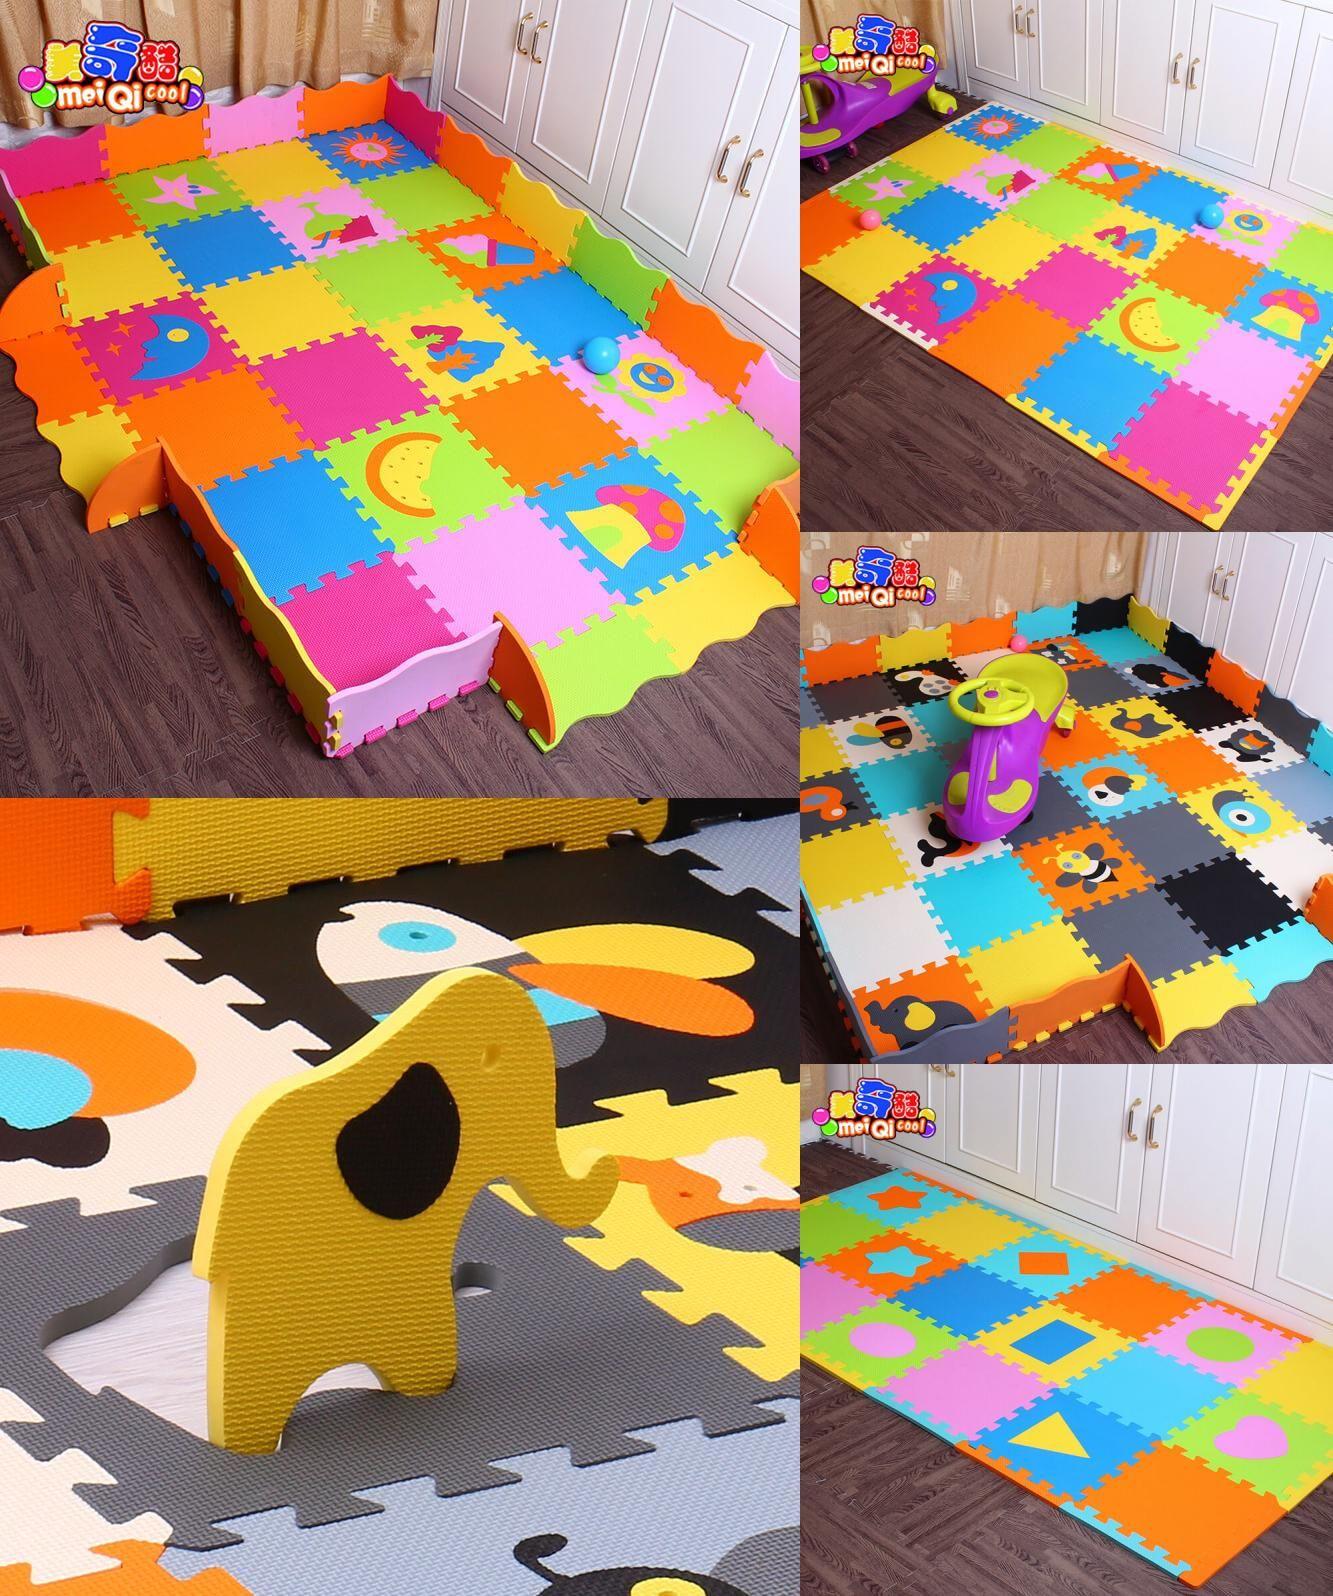 inspiration depot children mats s inspirational floors design floor cor dcor home ideas top d childrens flooring